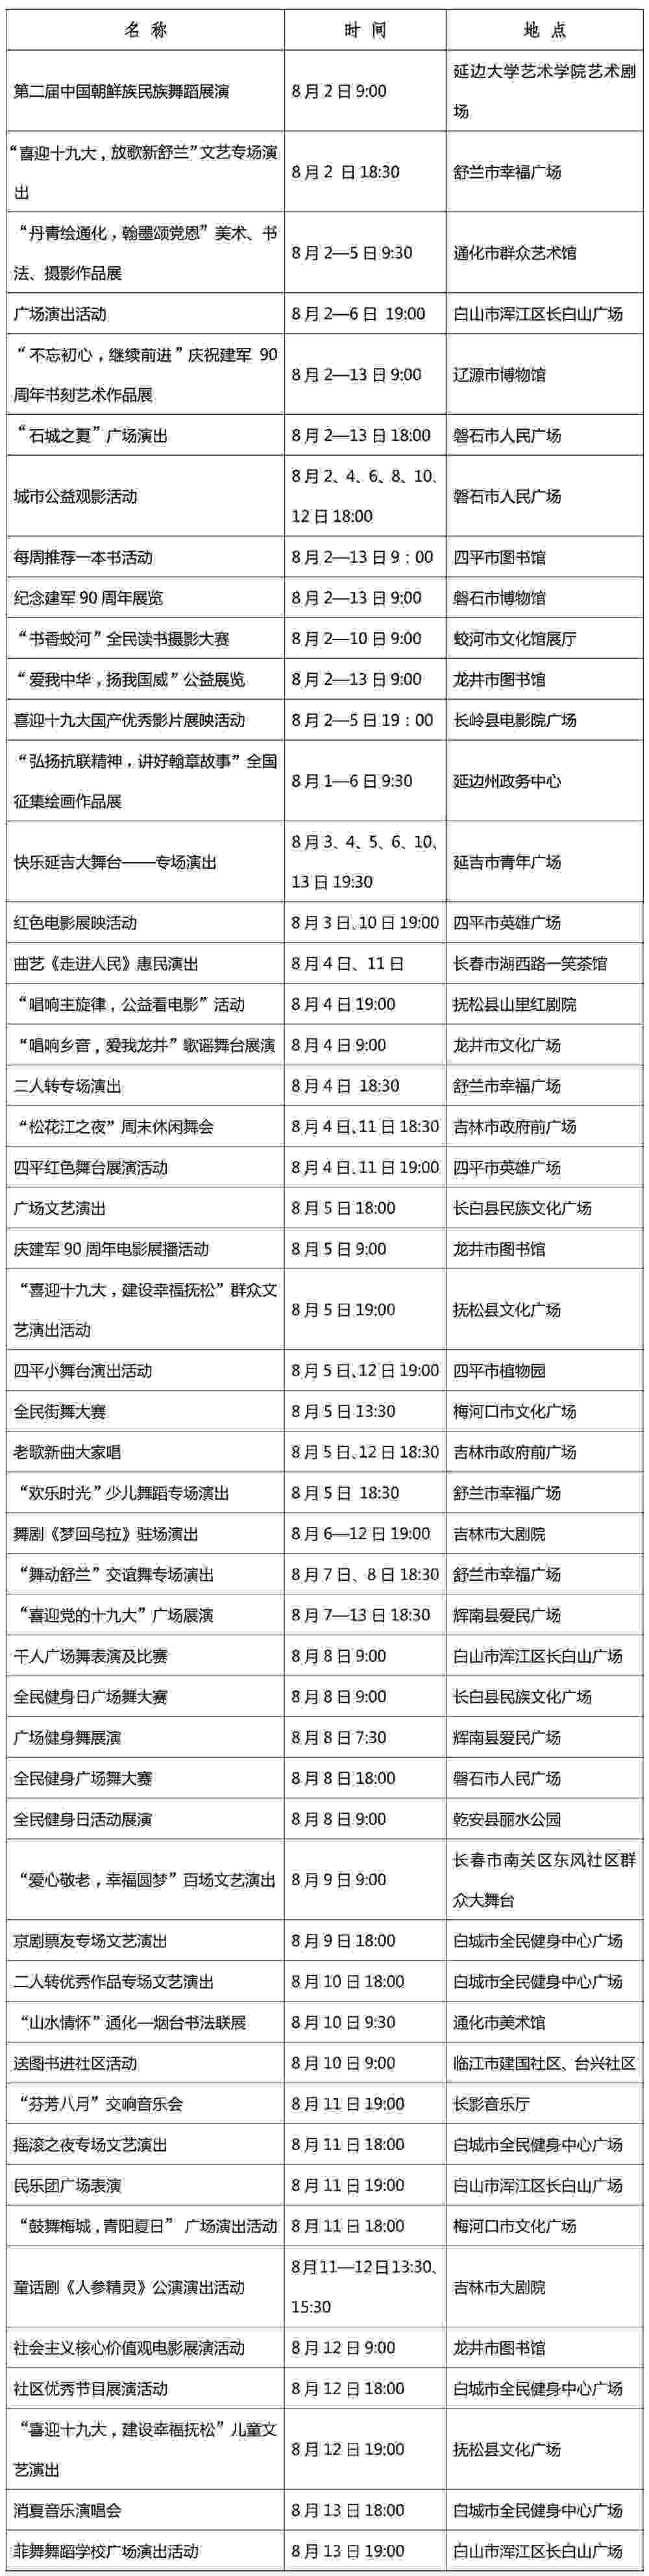 第四届吉林省市民文化节近期主要活动推介